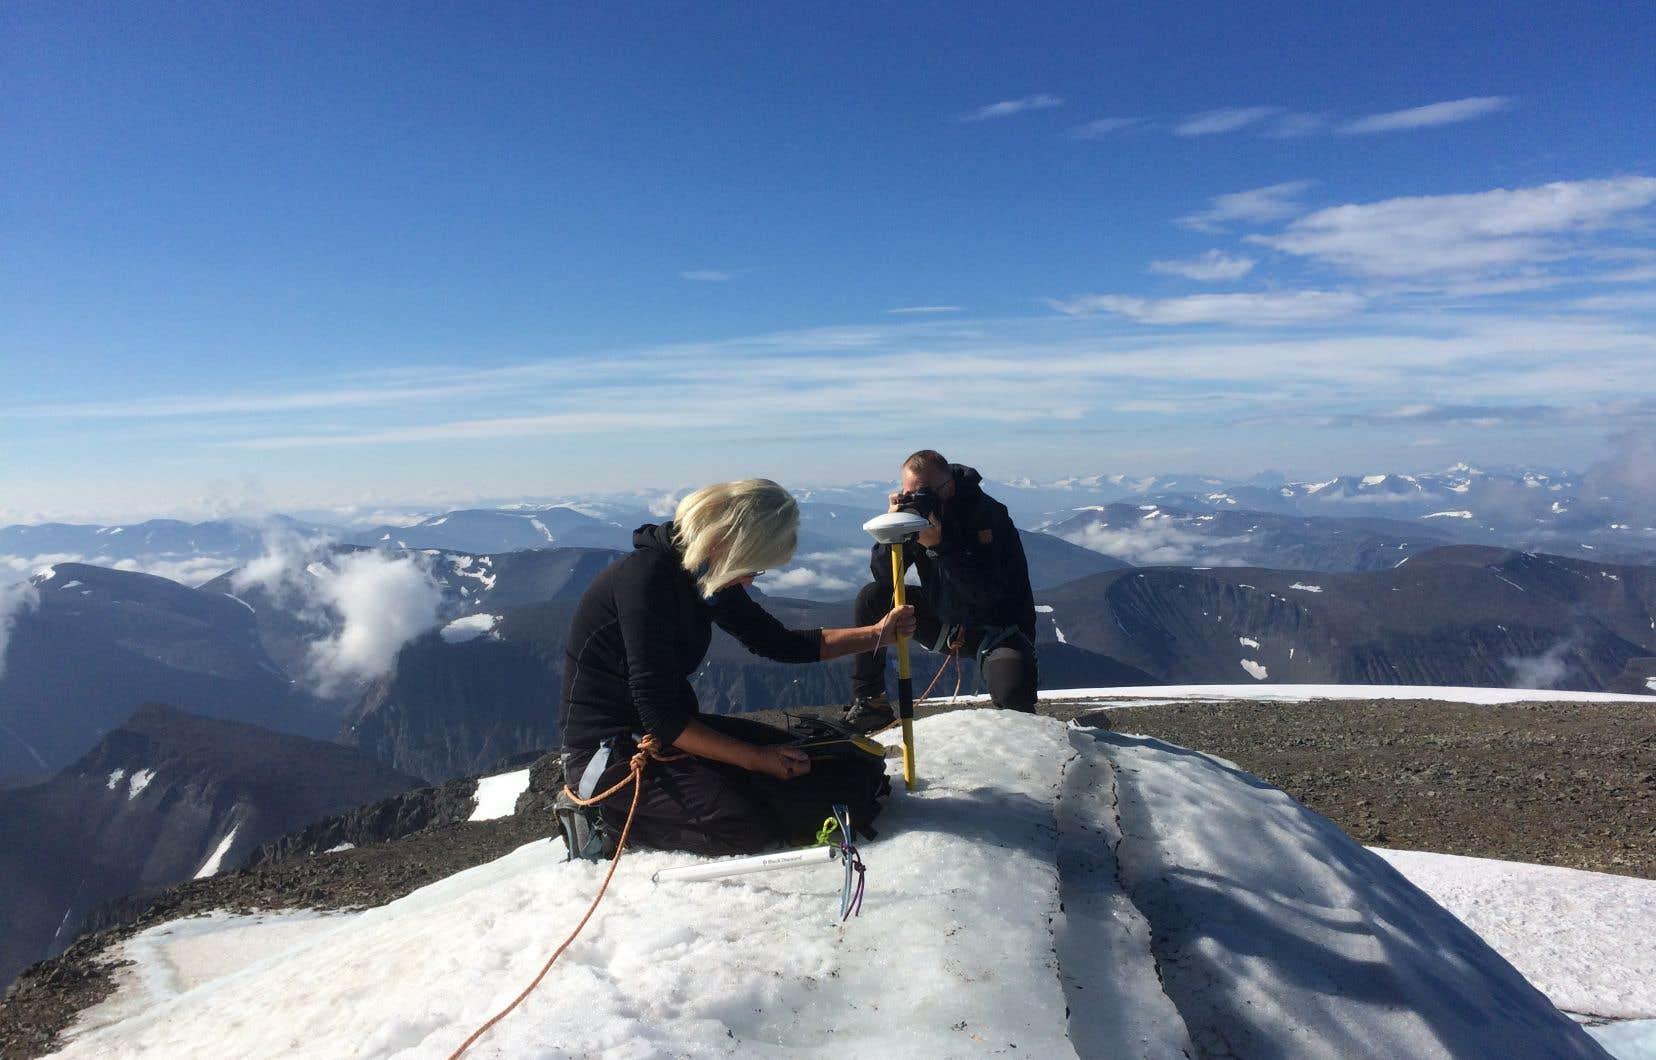 <p>Gunhild Ninis Rosqvist, professeur de géographie à l'université de Stockholm,a pu mesurer la hauteur du sommet plusieurs années durant dans le cadre d'un projet de recherche sur le réchauffement climatique.</p>